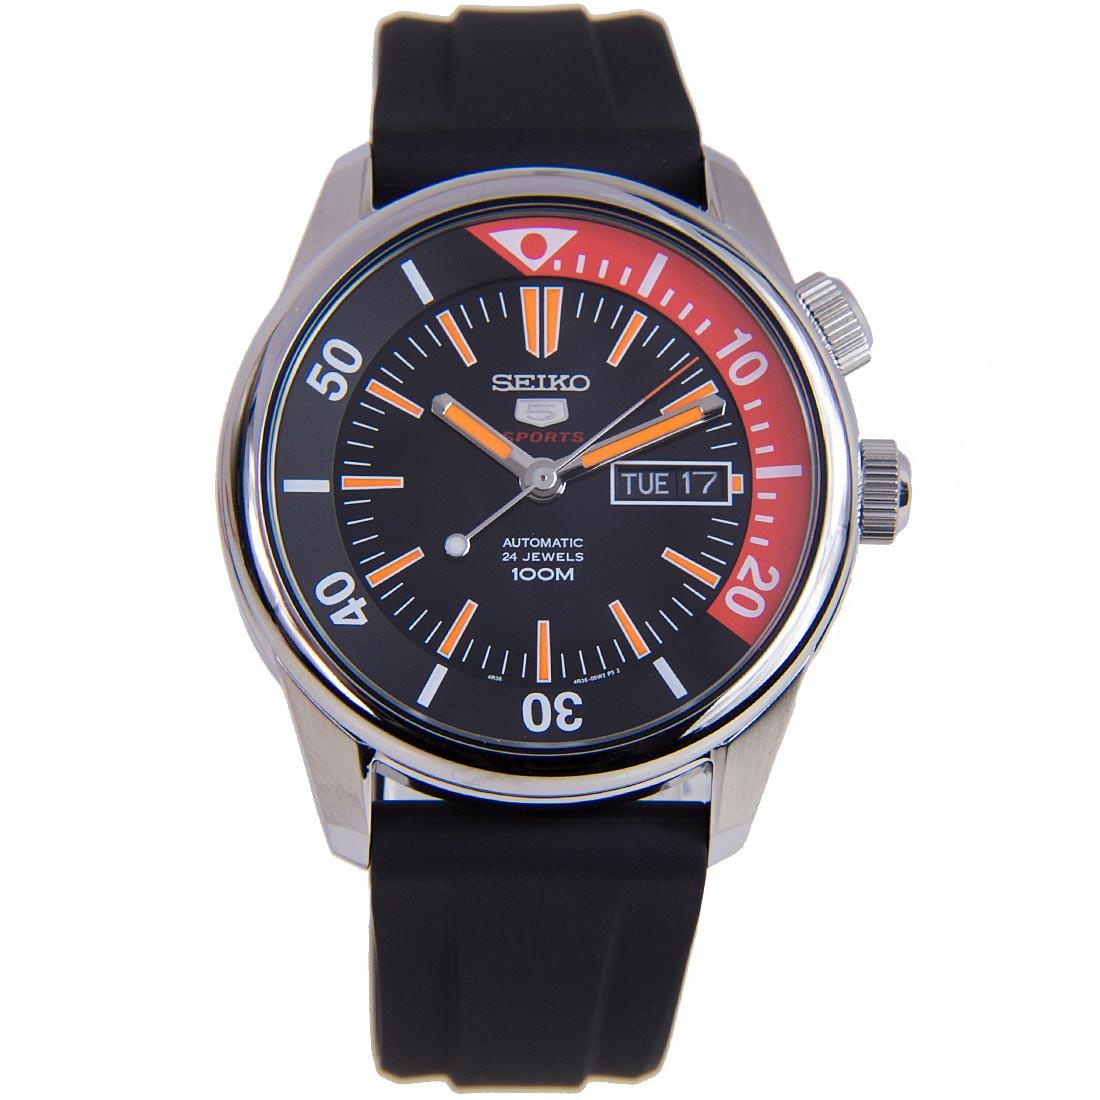 นาฬิกาผู้ชาย Seiko 5 Sport รุ่น SRPB31K1 Automatic Men's Watch